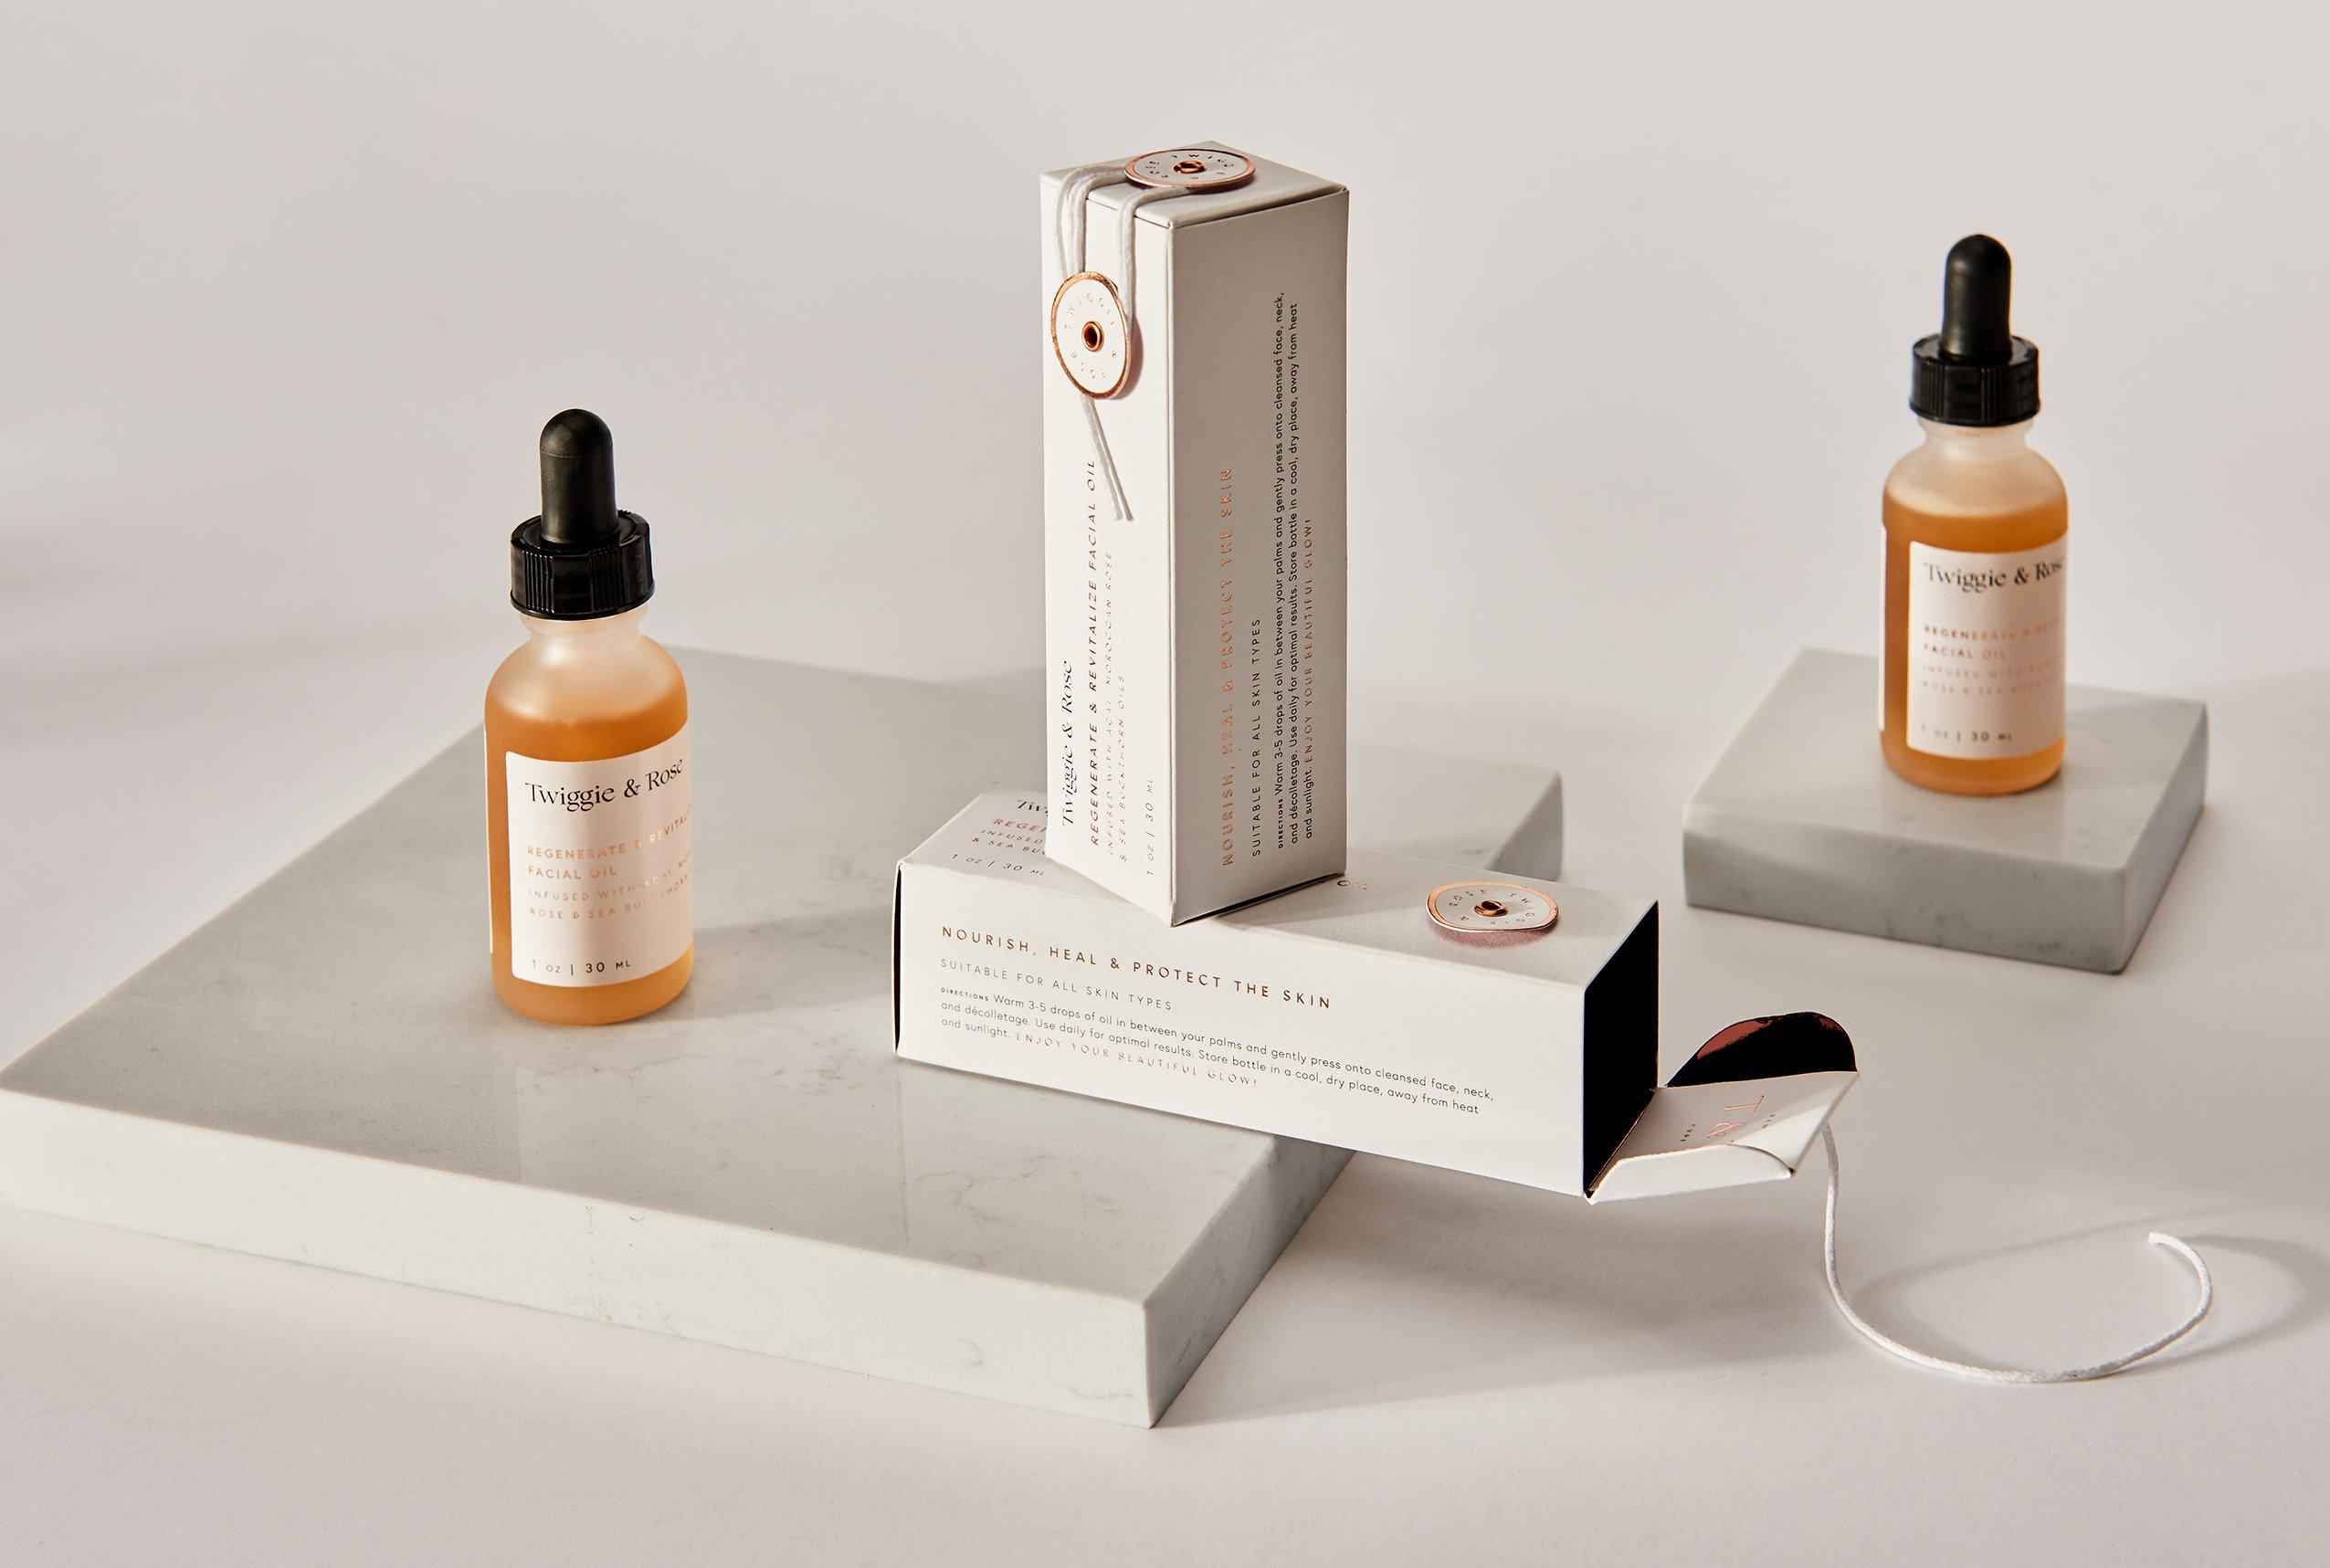 Mẫu hộp giấy đựng mỹ phẩm cao cấp thiết kế đơn giản, bắt mắt